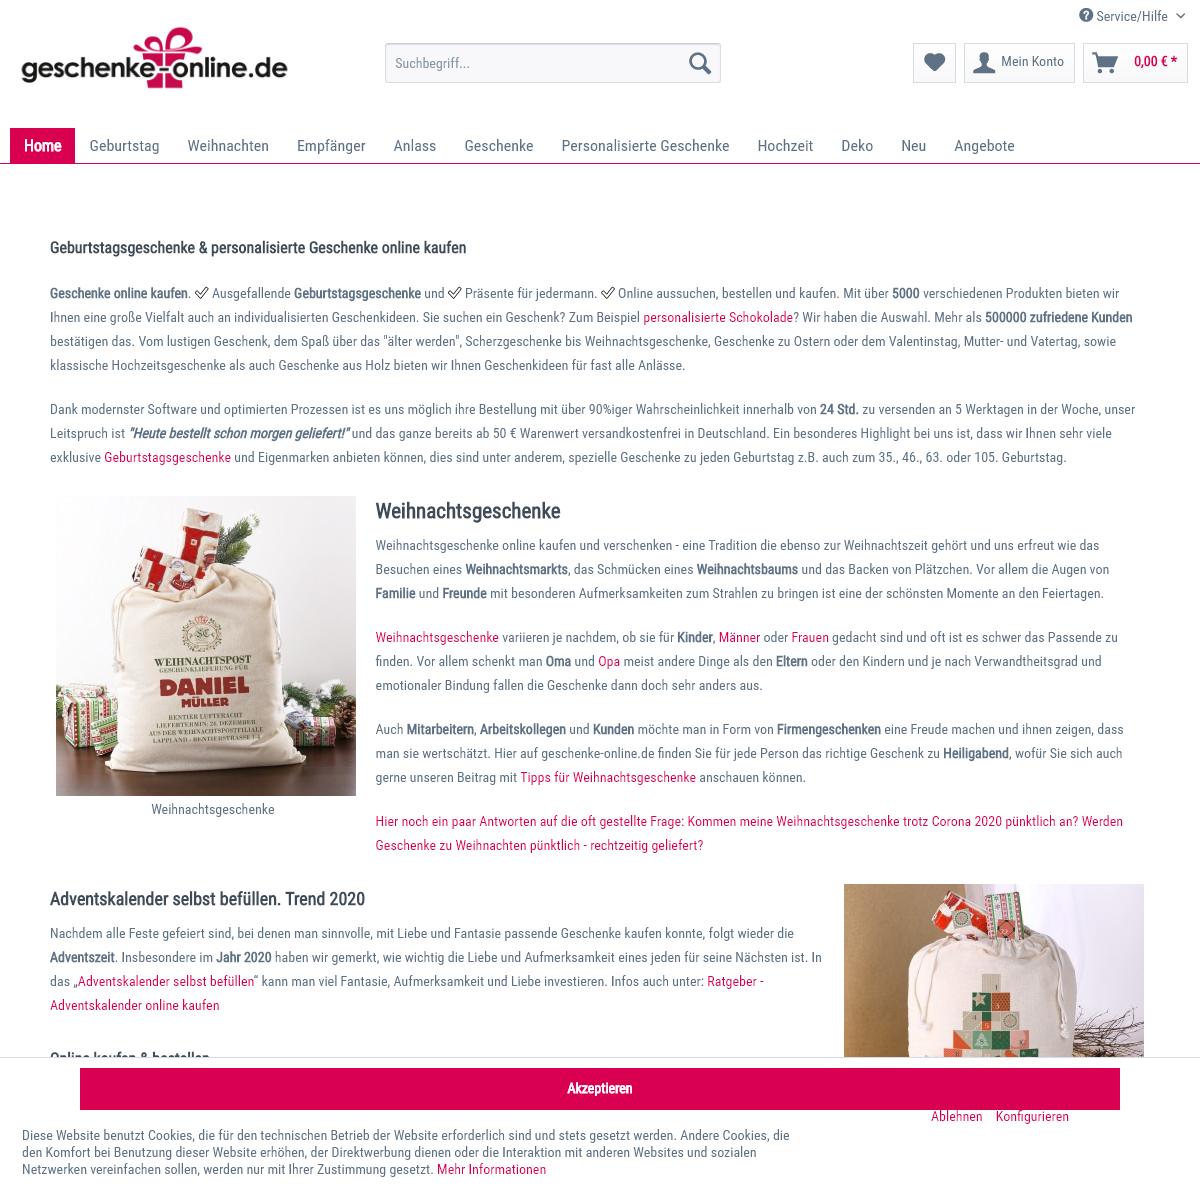 Geschenke online - Einfach Freude schenken